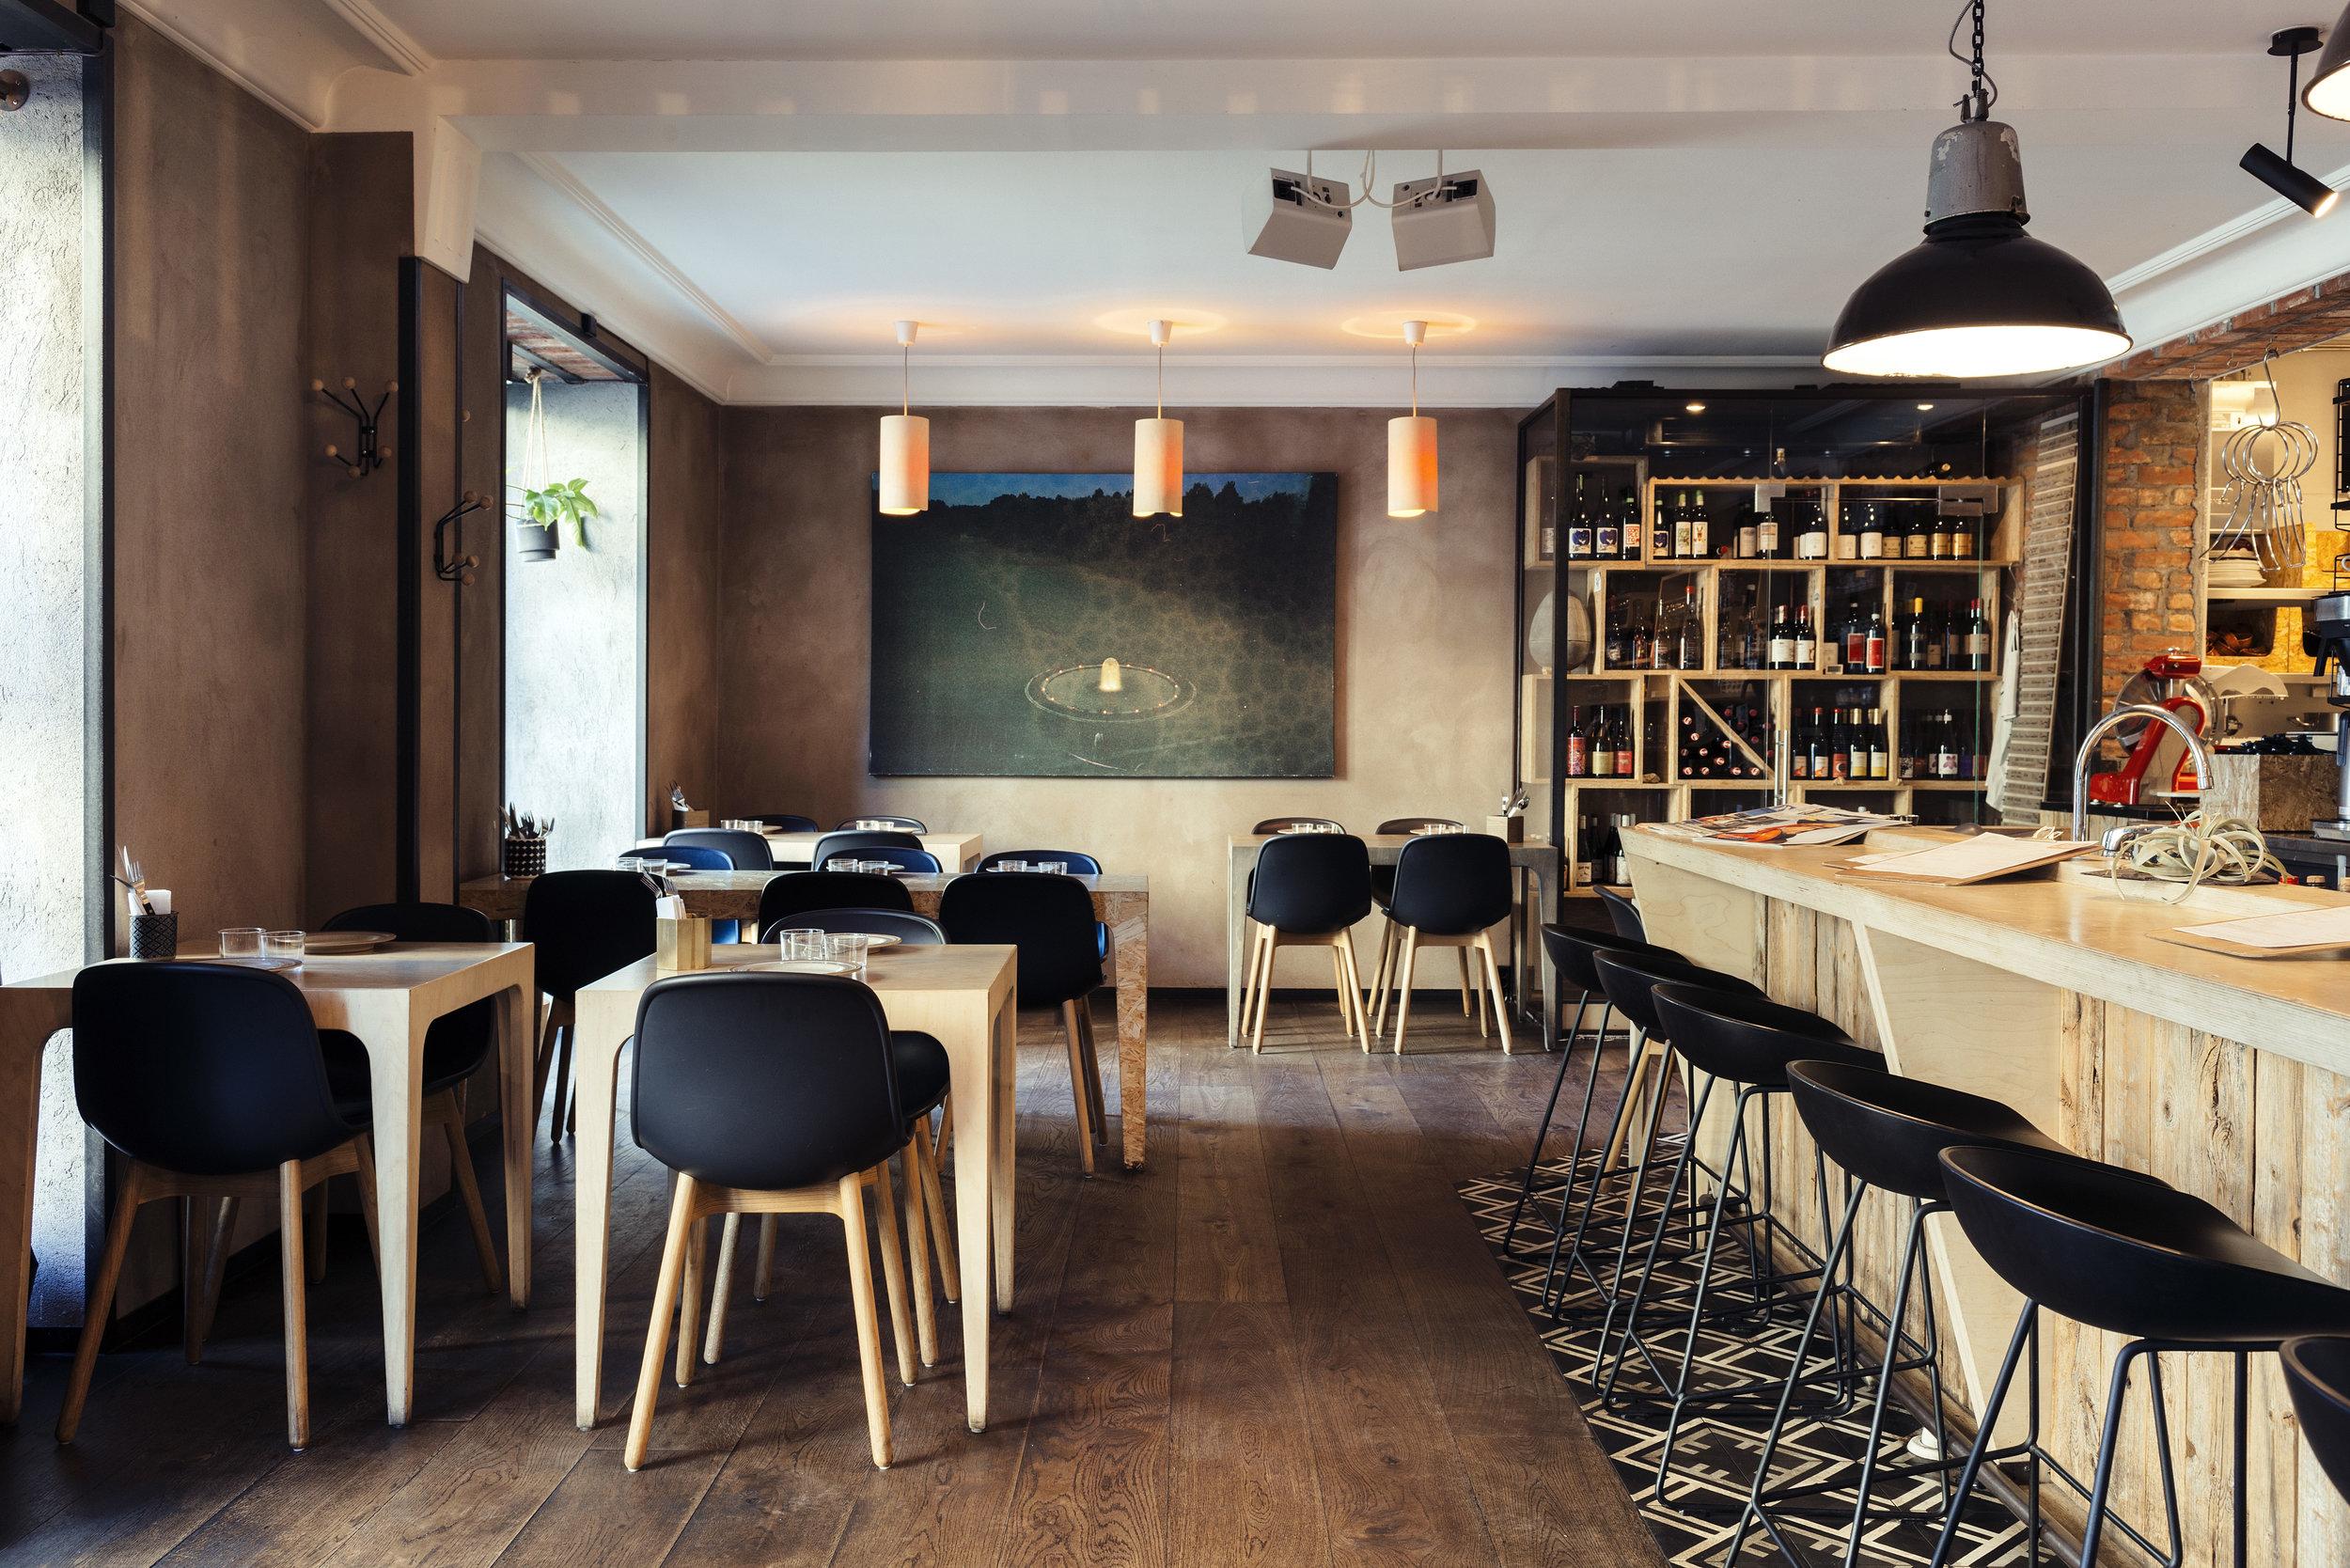 lavaoslo-Restaurant-kafe-smalhans-st.haugen-oslo-husmannskost